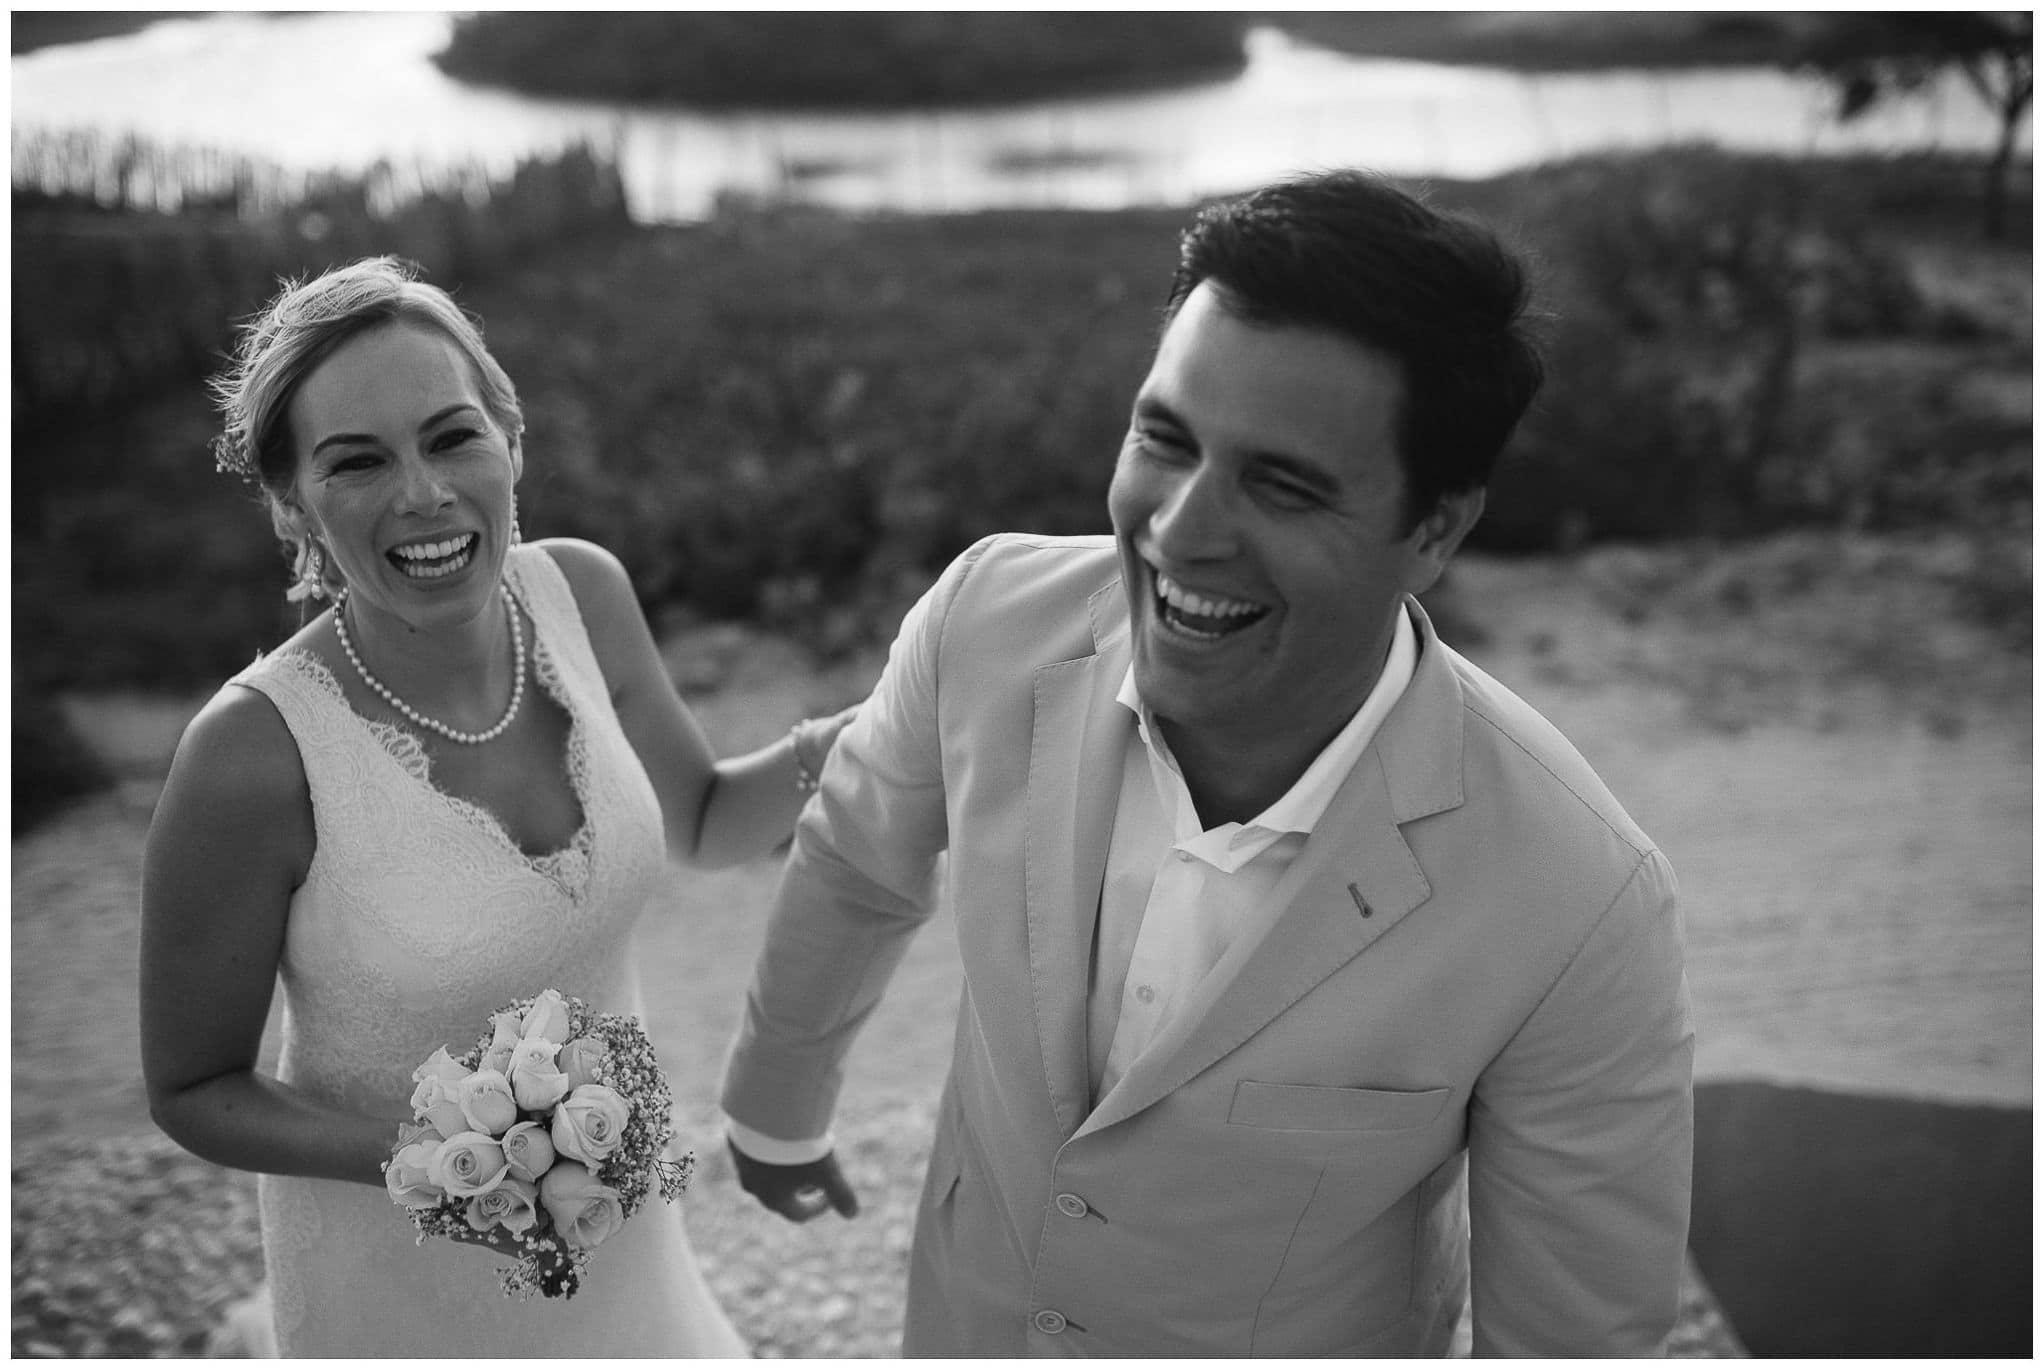 fotografo-de-casamento55